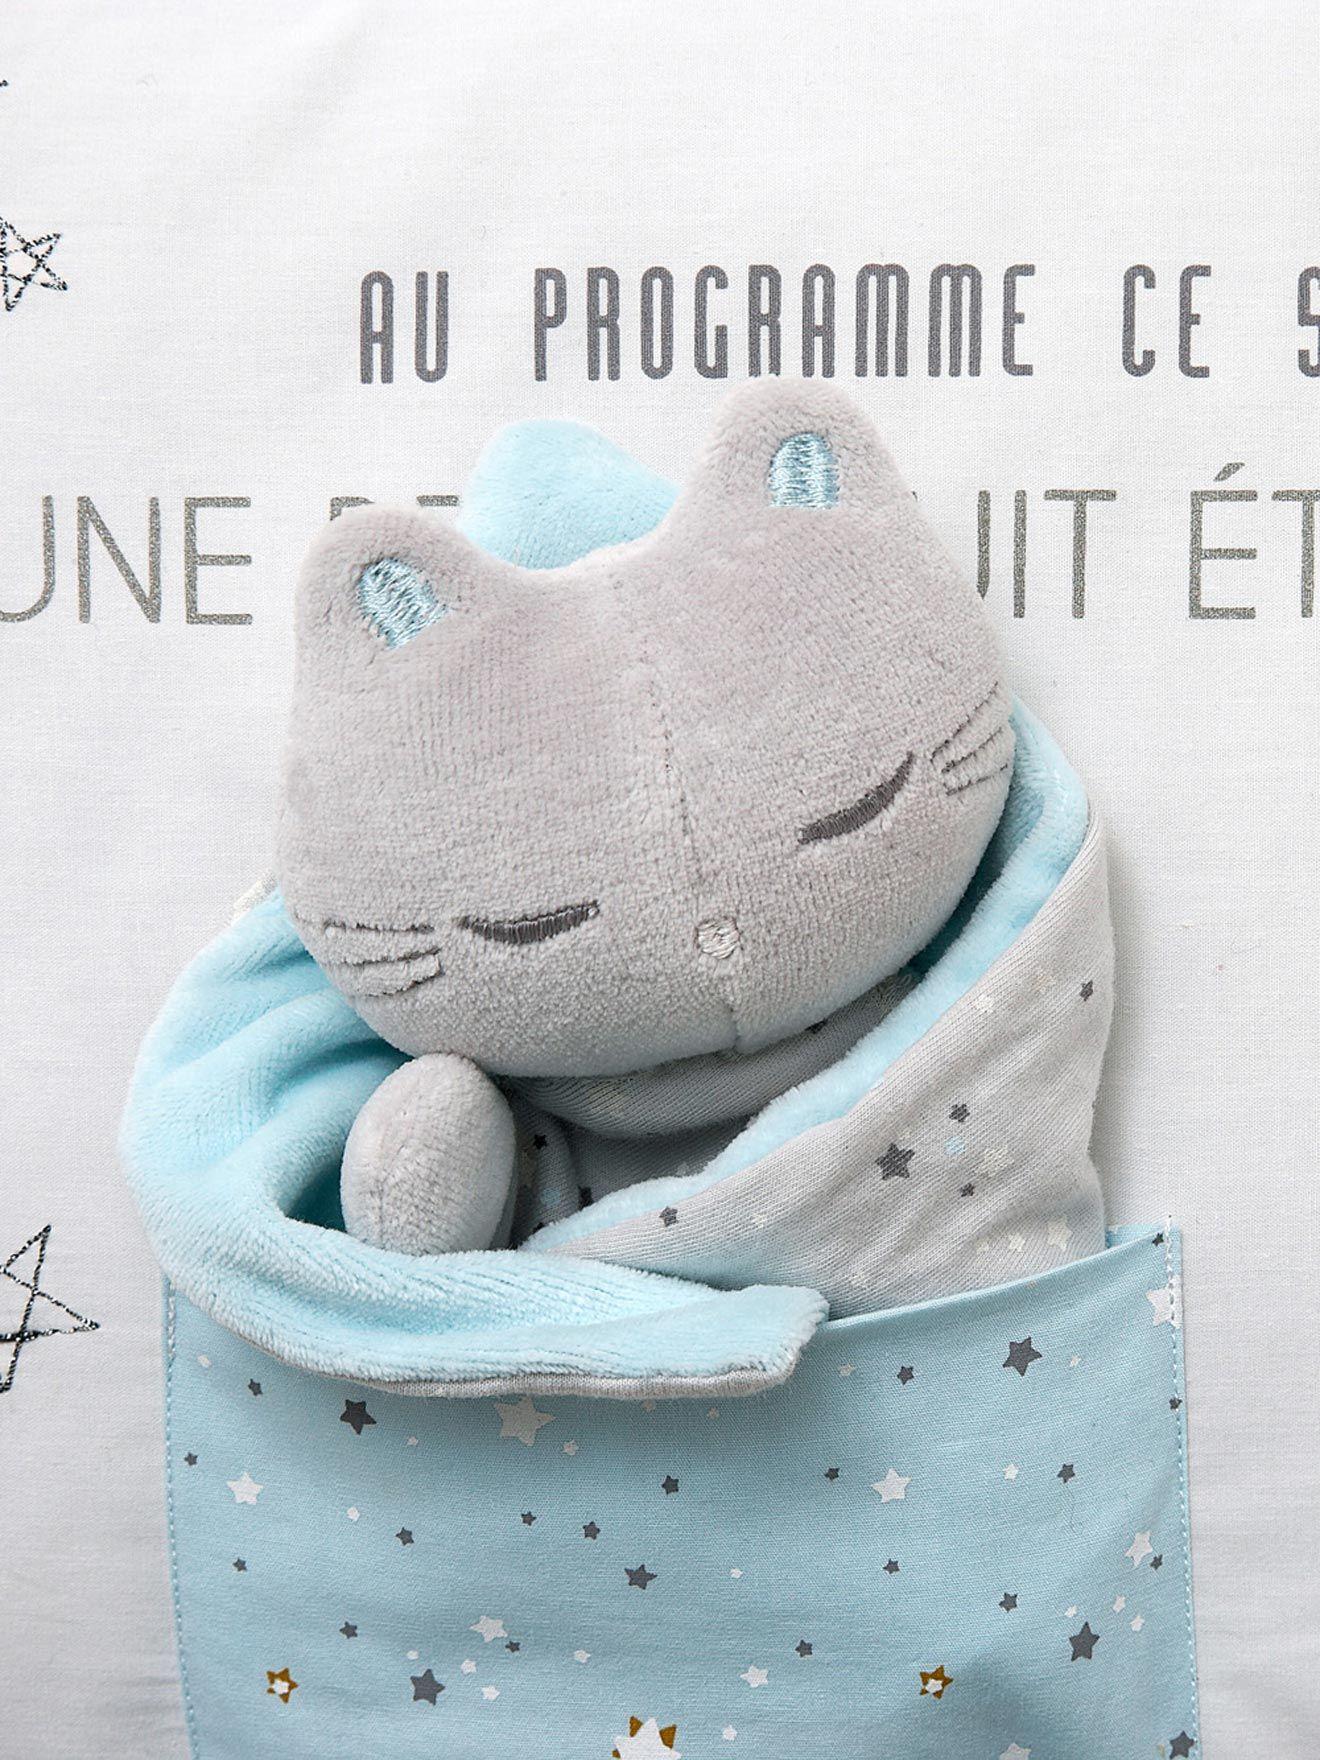 tour de lit bébé modulable thème miaous tach Tour de lit bébé modulable thème Miaous'tach #chat   Collection  tour de lit bébé modulable thème miaous tach